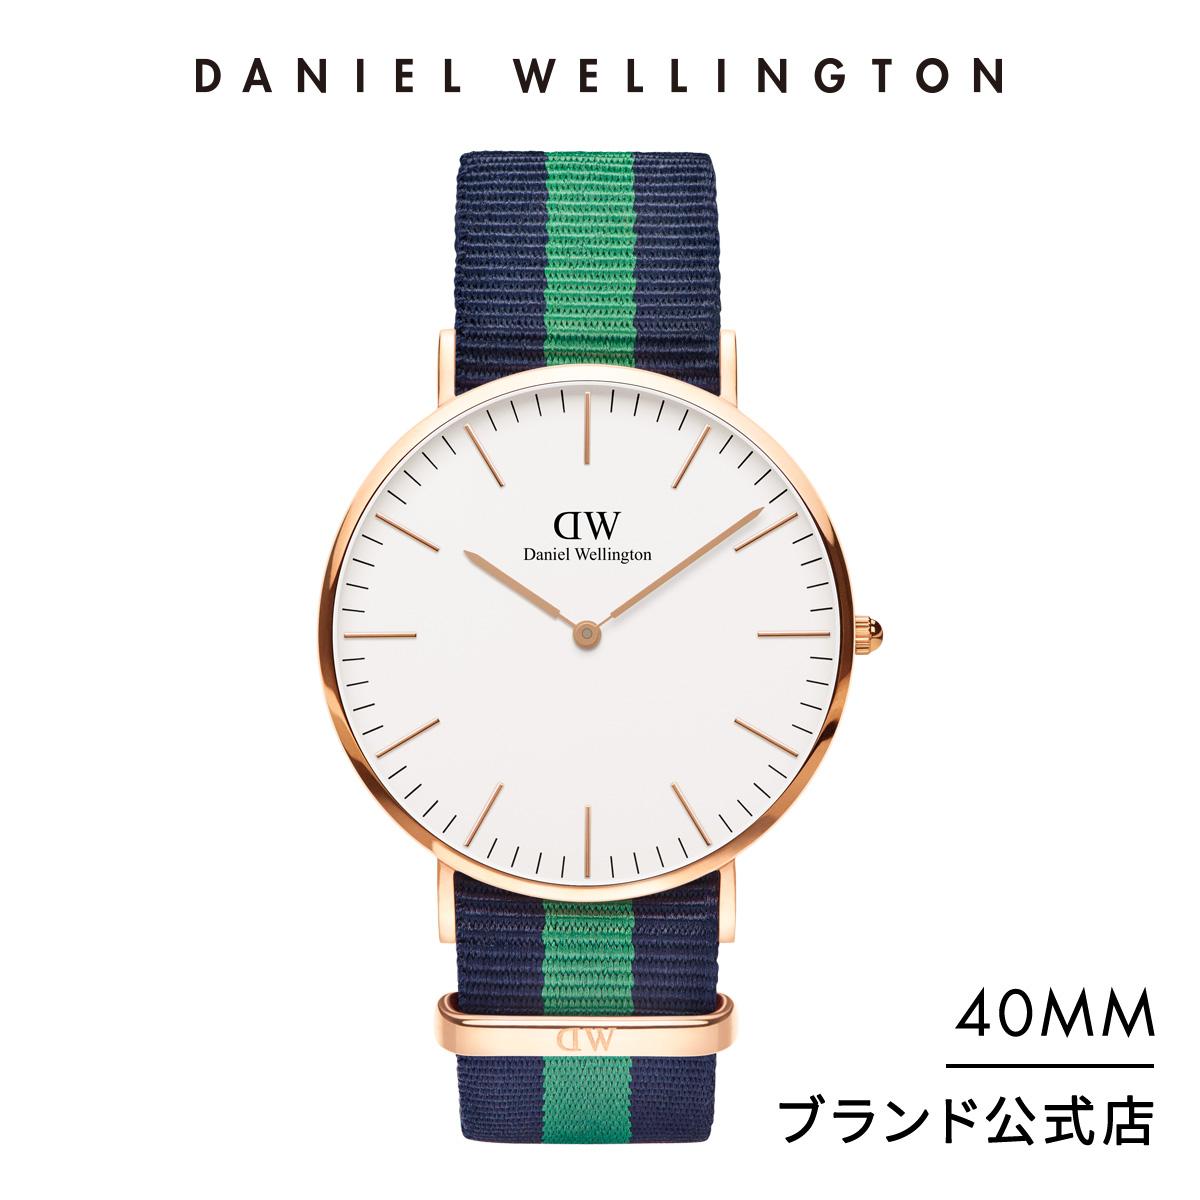 【公式2年保証/送料無料】ダニエルウェリントン公式 メンズ 腕時計 Classic Warwick 40mm Nato ストラップ クラシック ウォリック DW プレゼント おしゃれ インスタ映え ブランド 彼女 彼氏 ペアスタイルに最適 ウォッチ 母の日